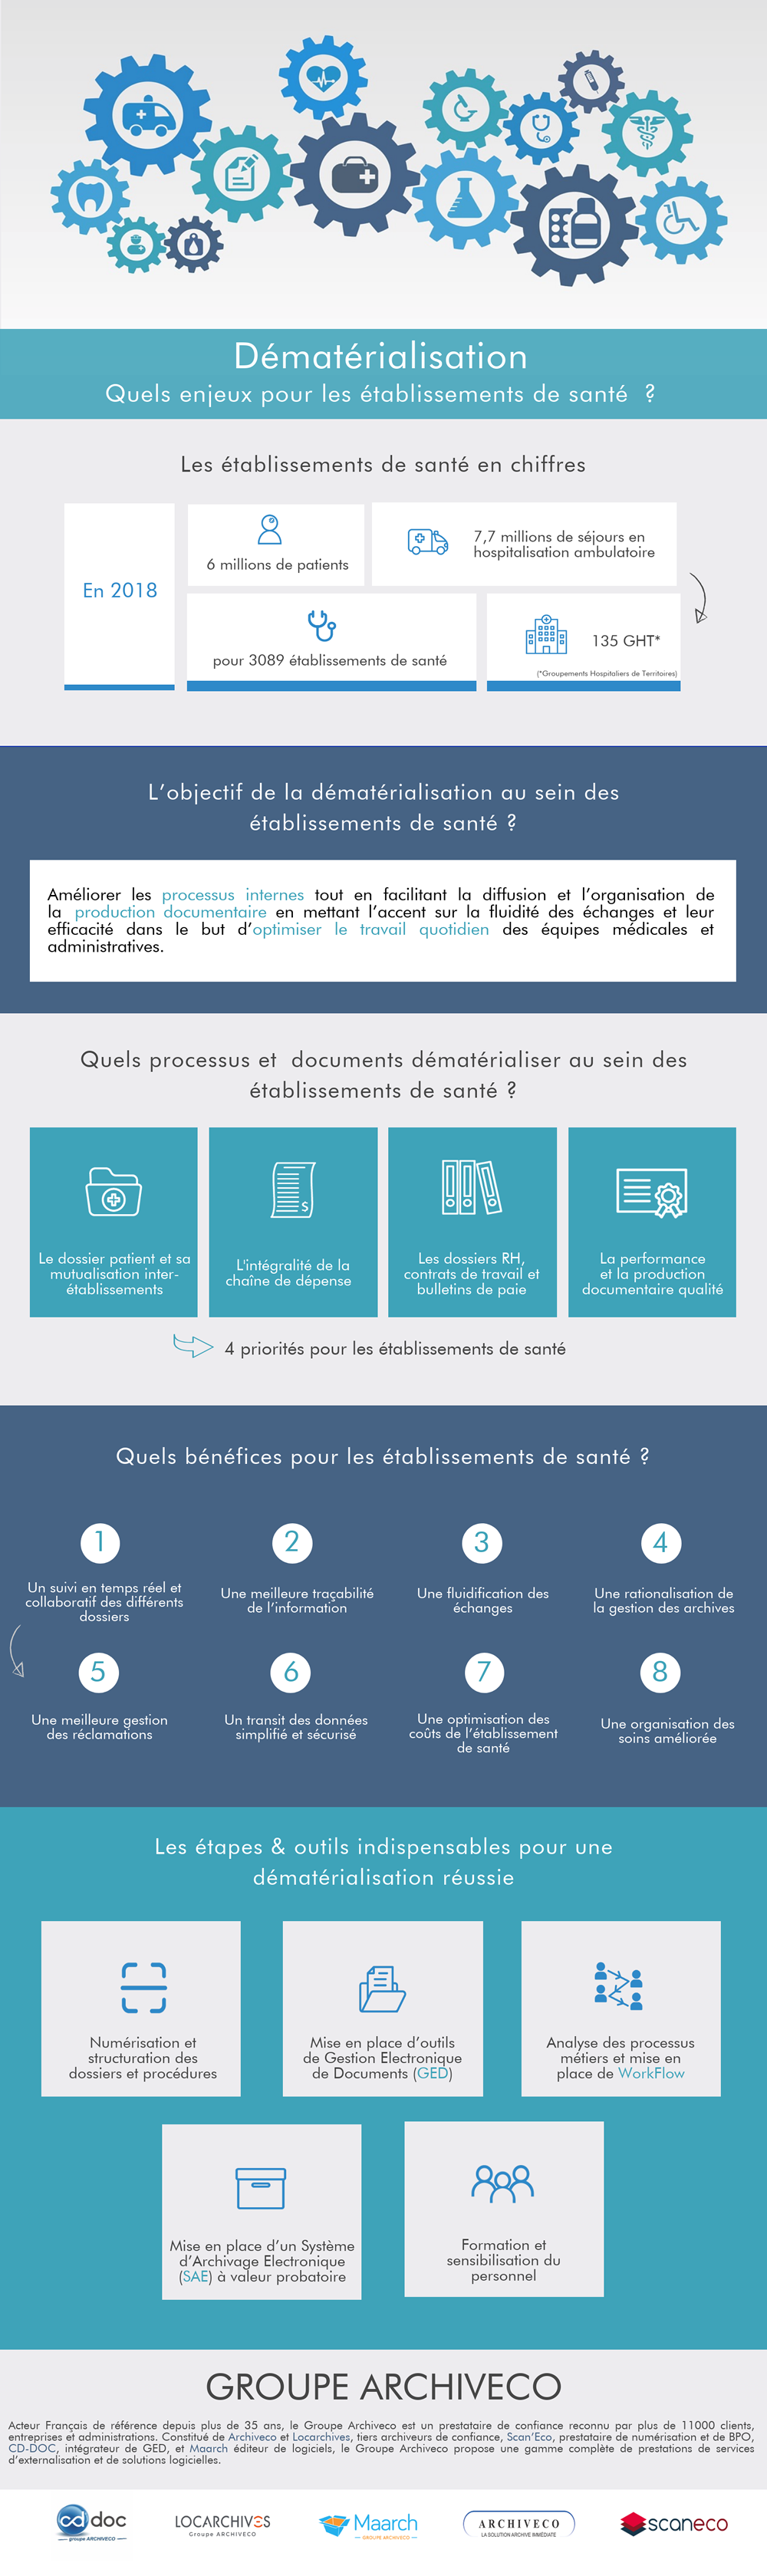 Dématérialisation et transition numérique : Quels enjeux pour les établissement de santé